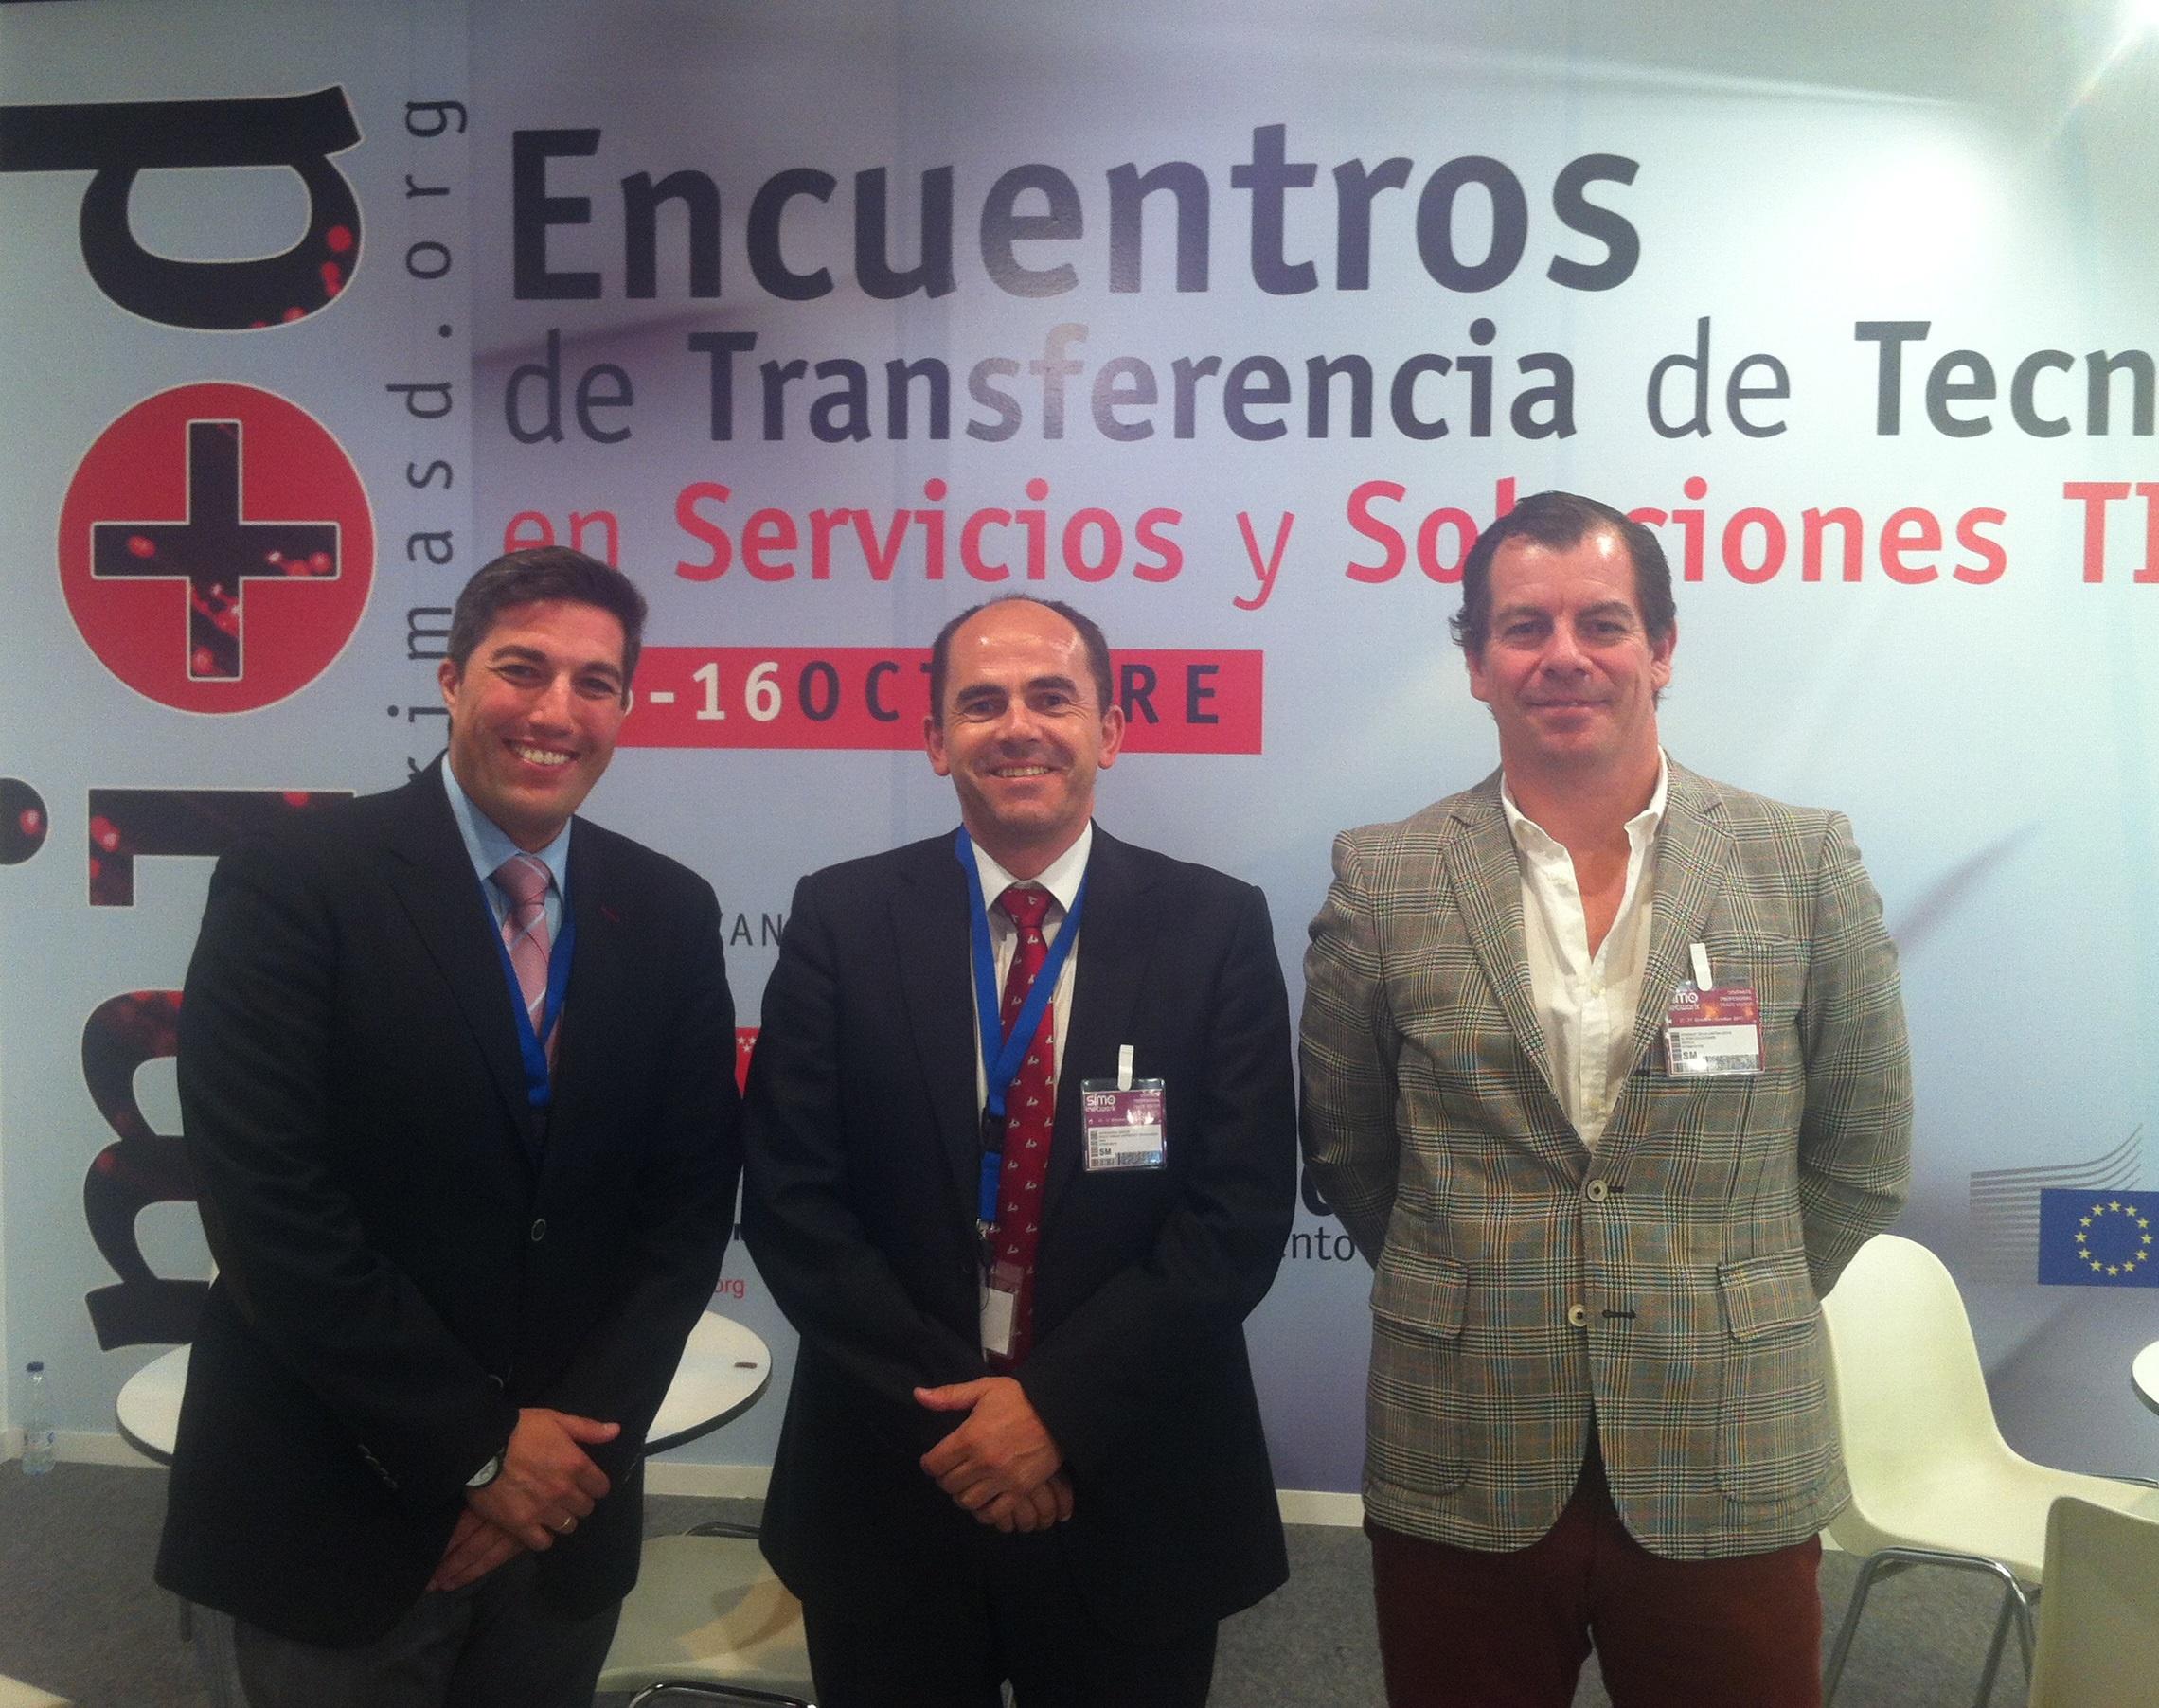 Geolit se reúne en SIMO 2013 con empresas tecnológicas nacionales y latinoamericanas